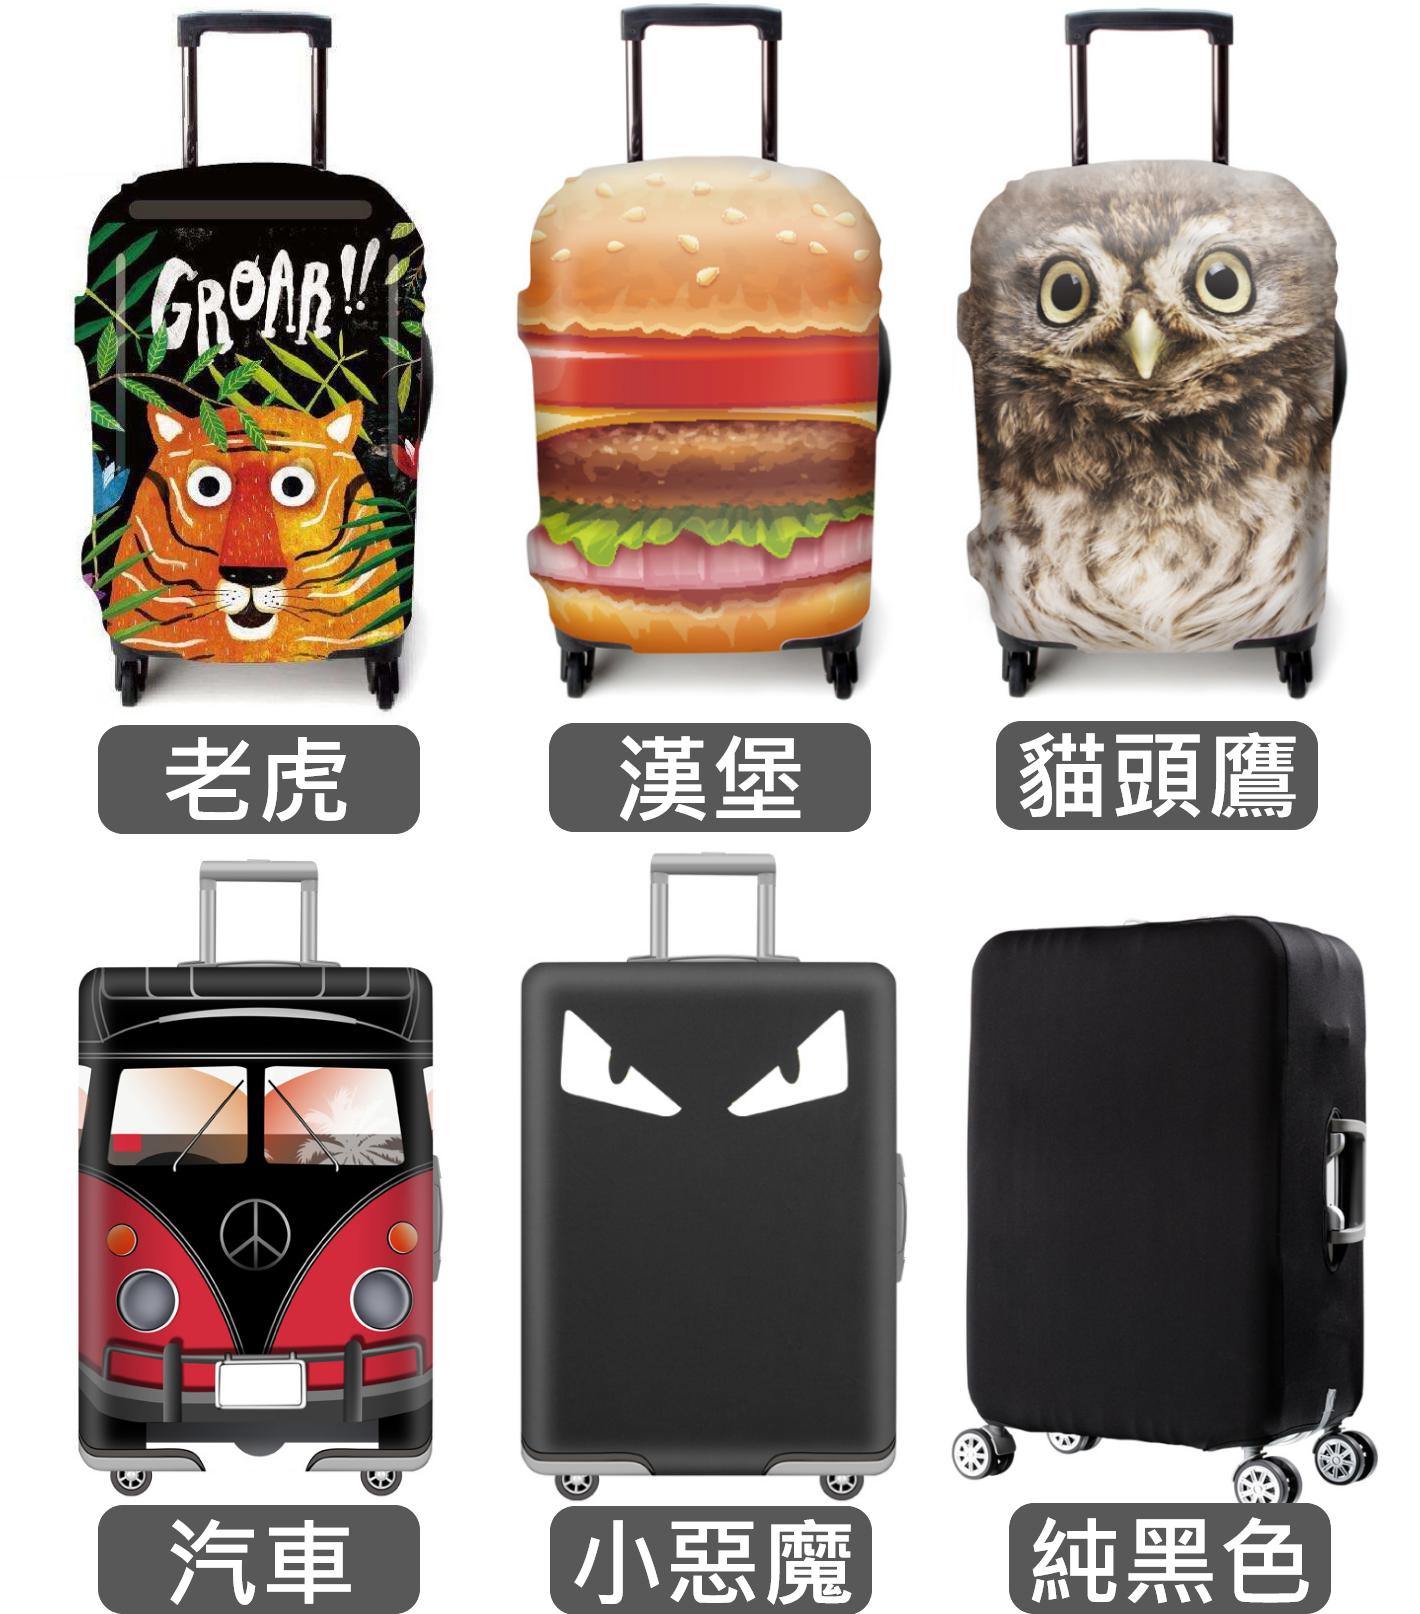 加厚耐磨行李箱保護套 大頭狗 相機 地圖 動物 漢堡 底部拉鏈 旅行箱防塵罩 拉桿皮箱彈力套